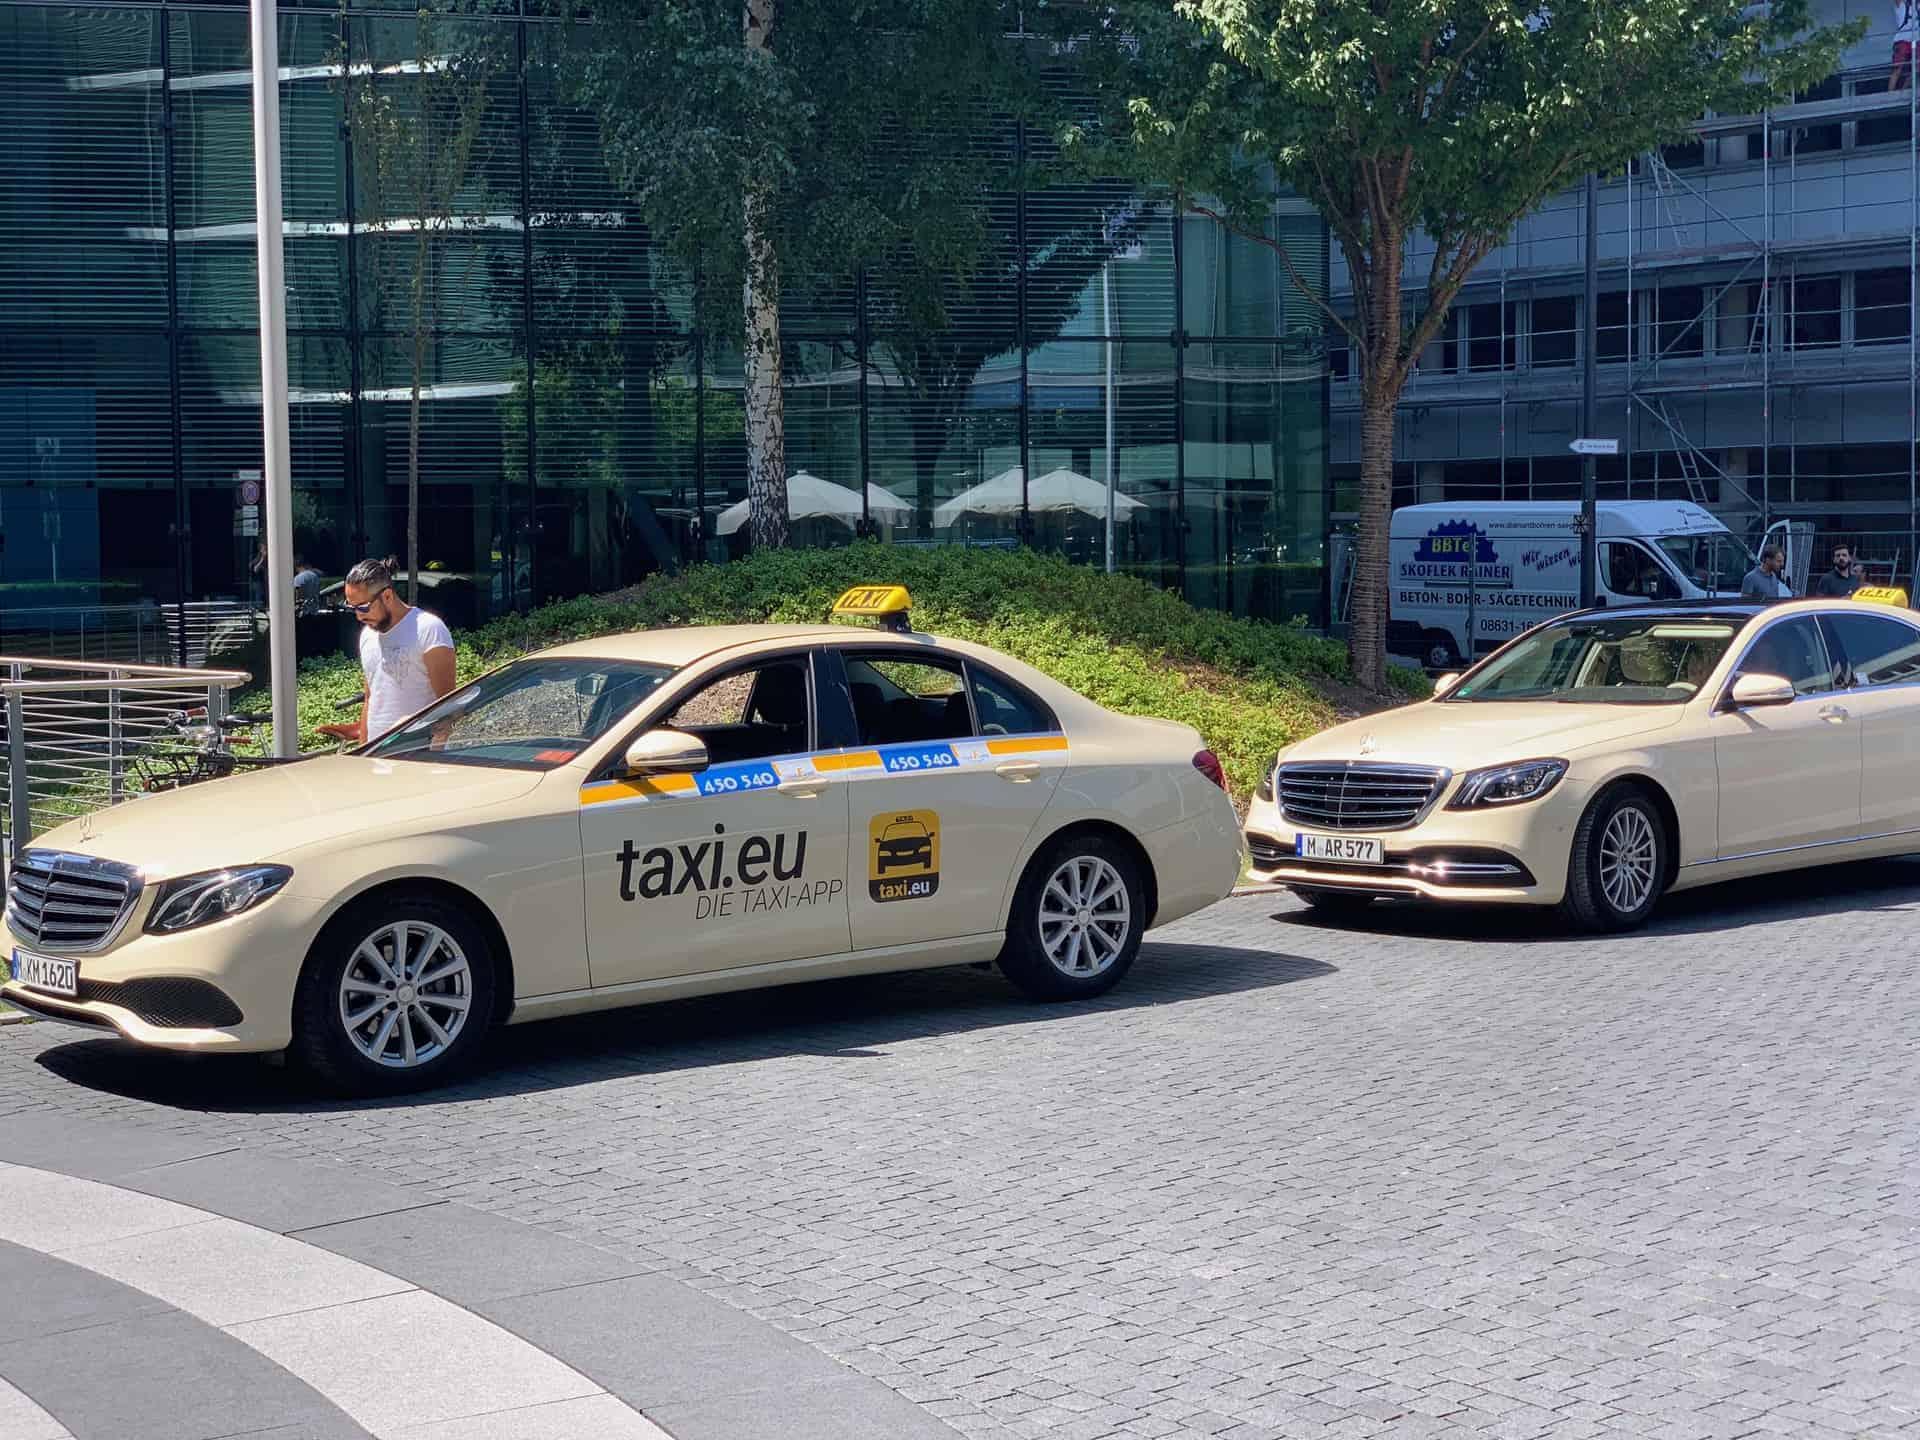 München_Taxi_Taxi_eu